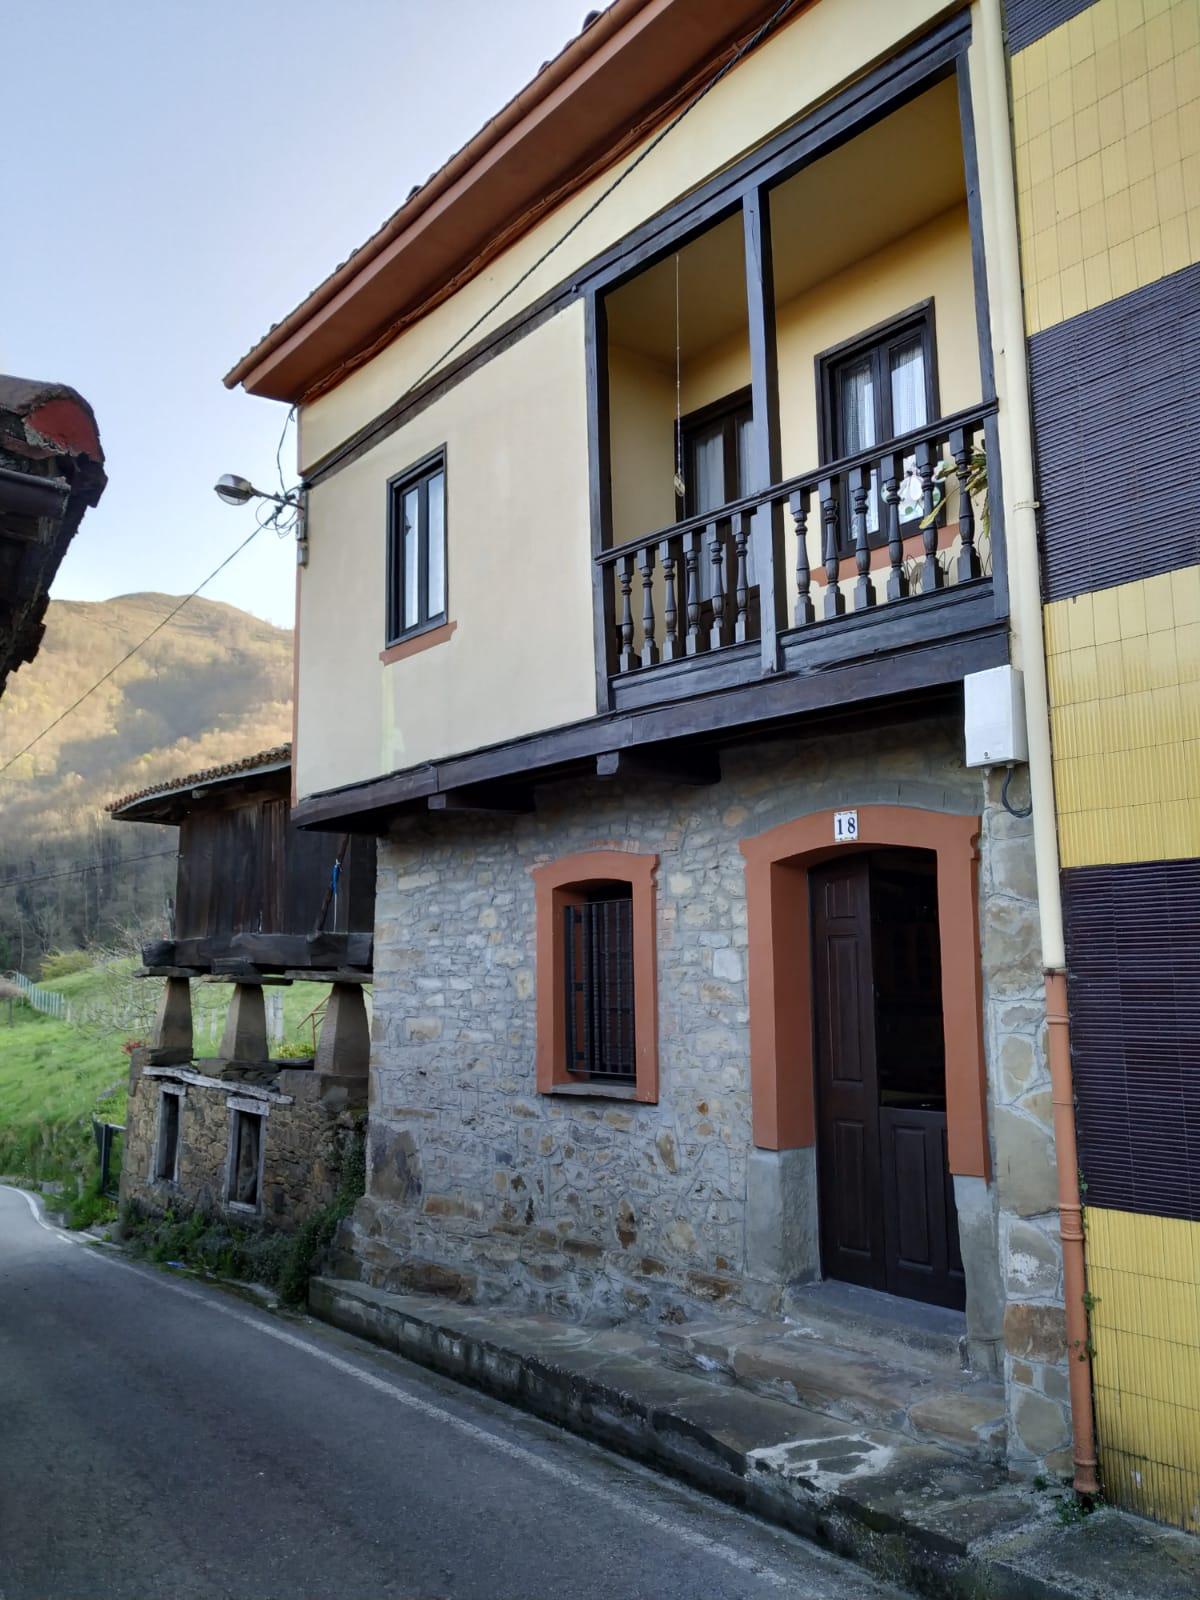 Casa en Blimea – San Mamés